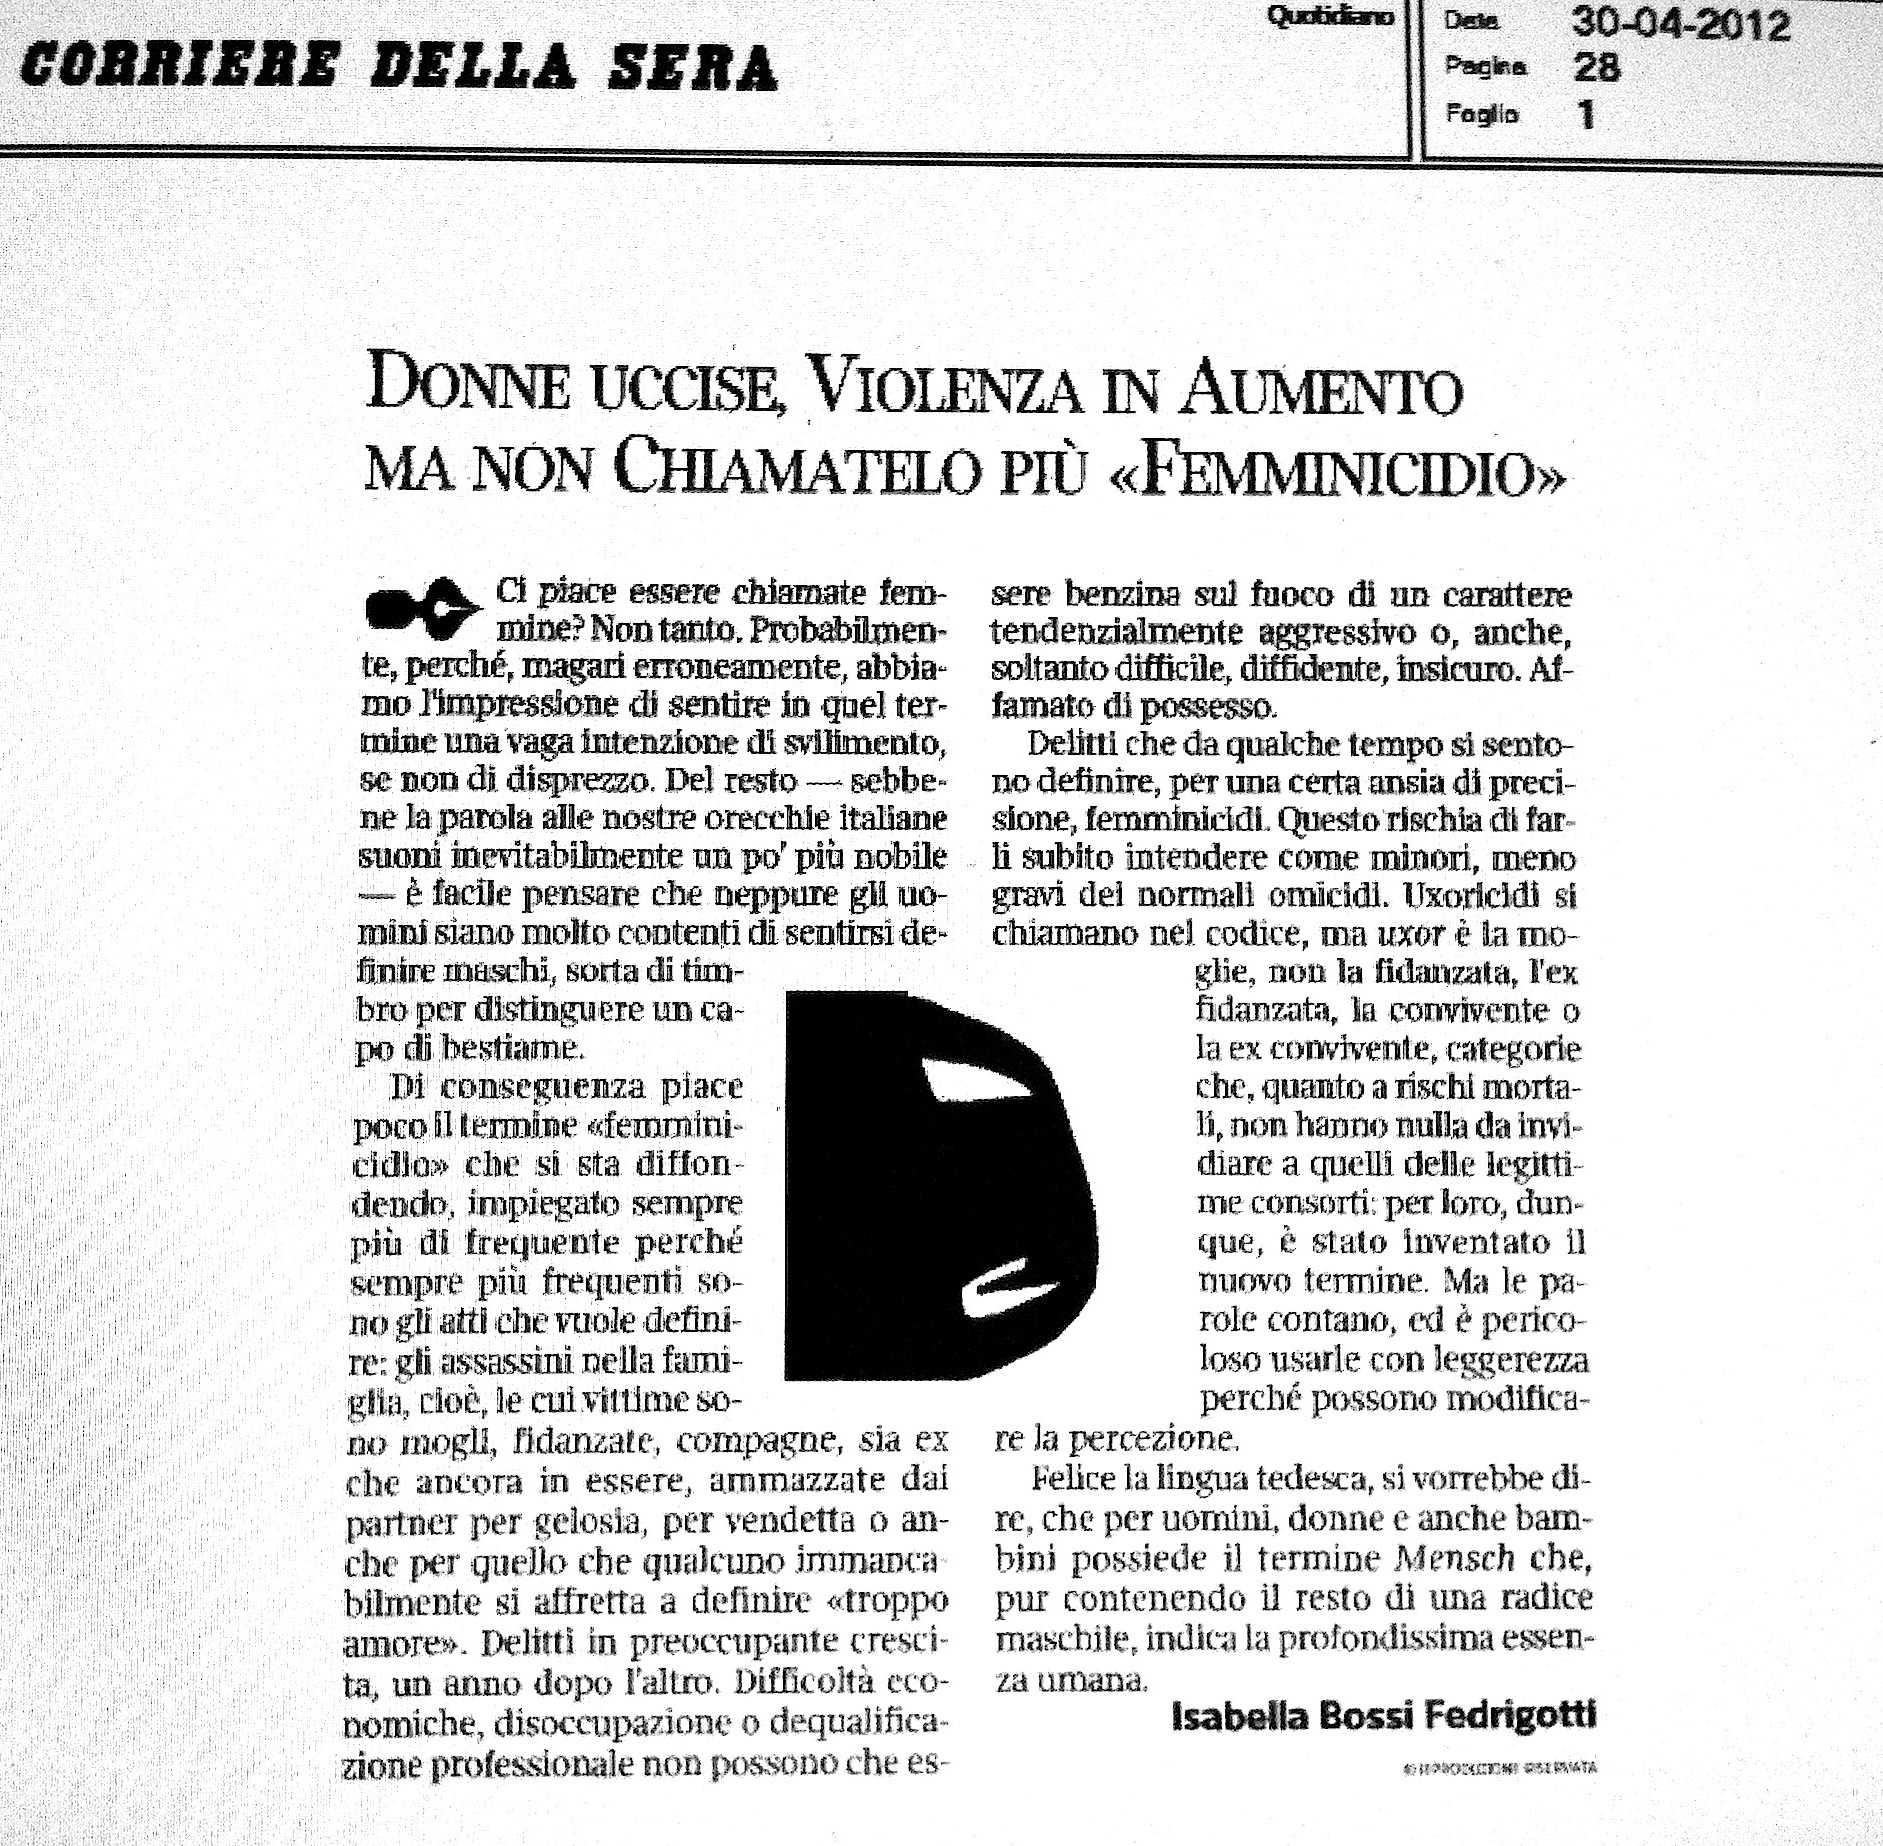 Fedrigotti ecco perch si chiamano femmicidi - Diva e donne giornale ...